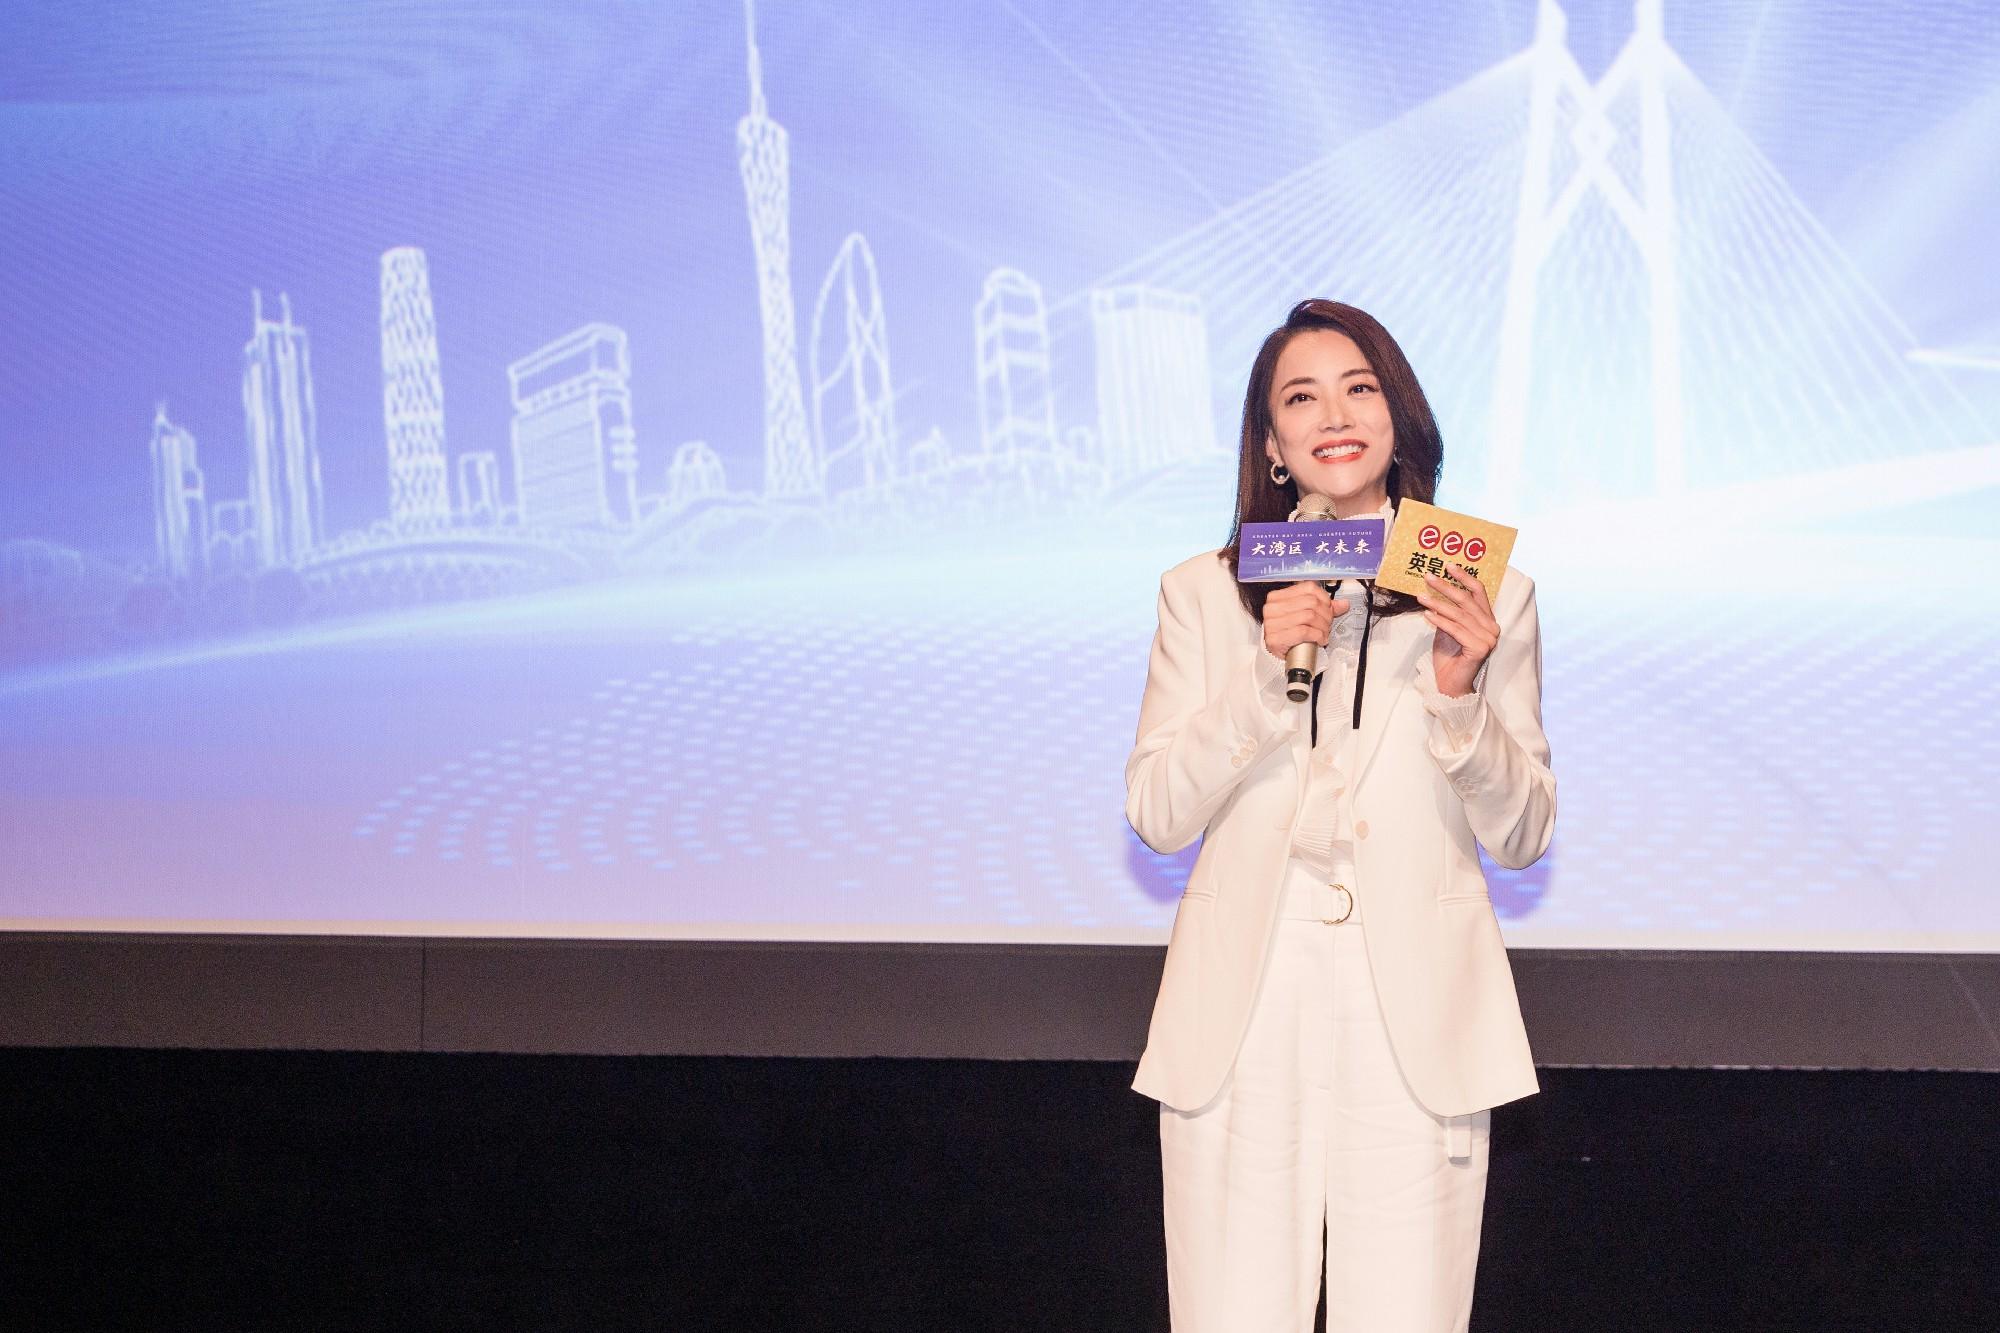 英皇娱乐大湾区总部正式落户广州 霍汶希容祖儿惊喜现身群星闪耀恭祝开业大吉